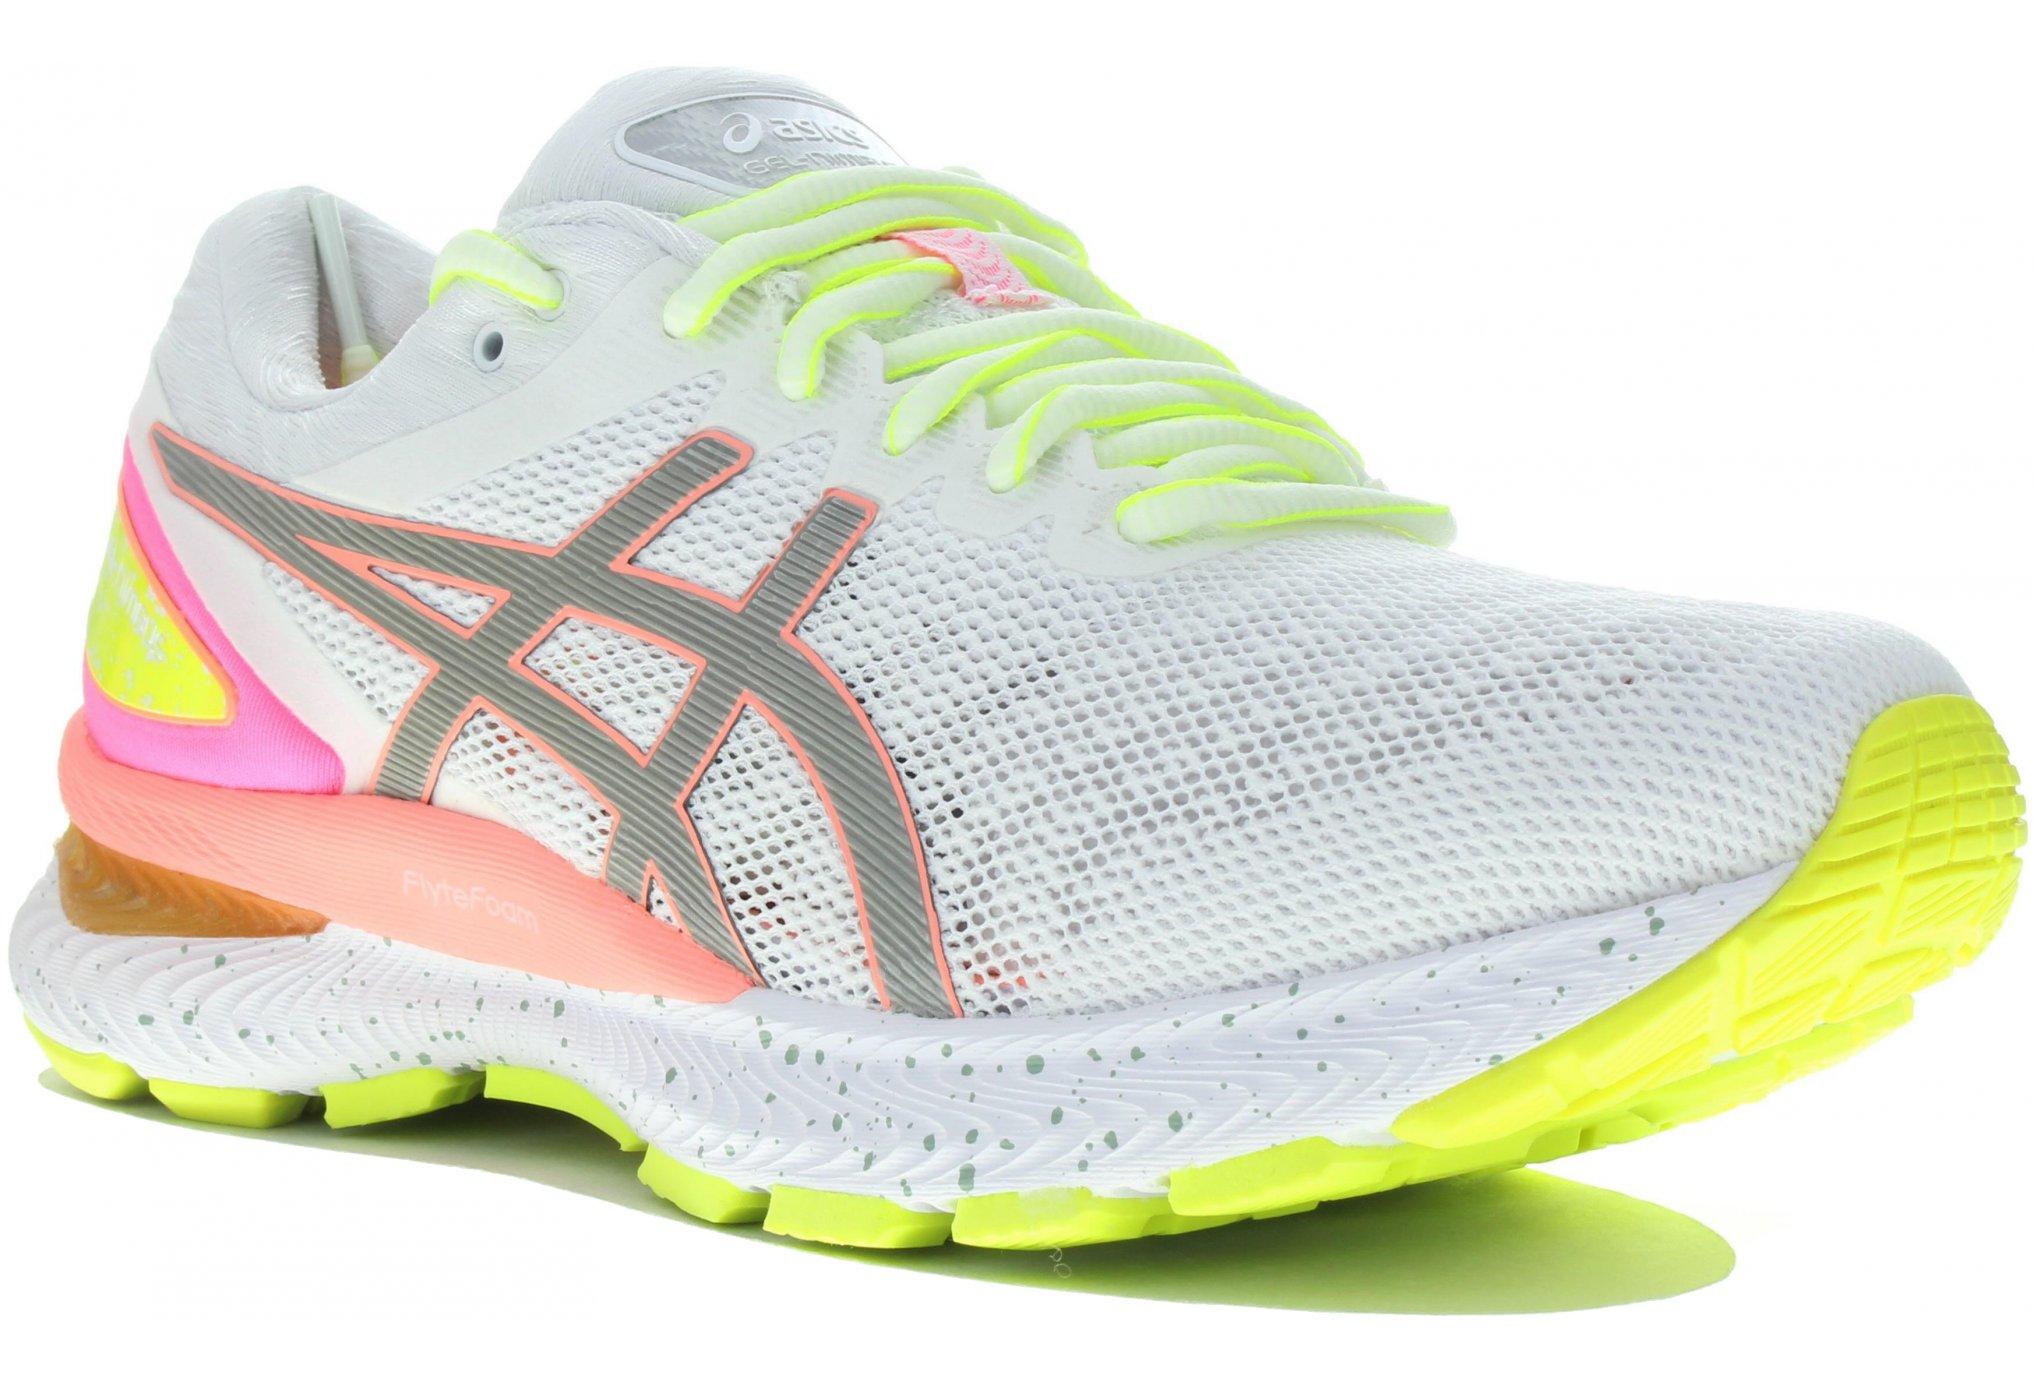 Asics Gel-Nimbus 22 Expert W Chaussures running femme